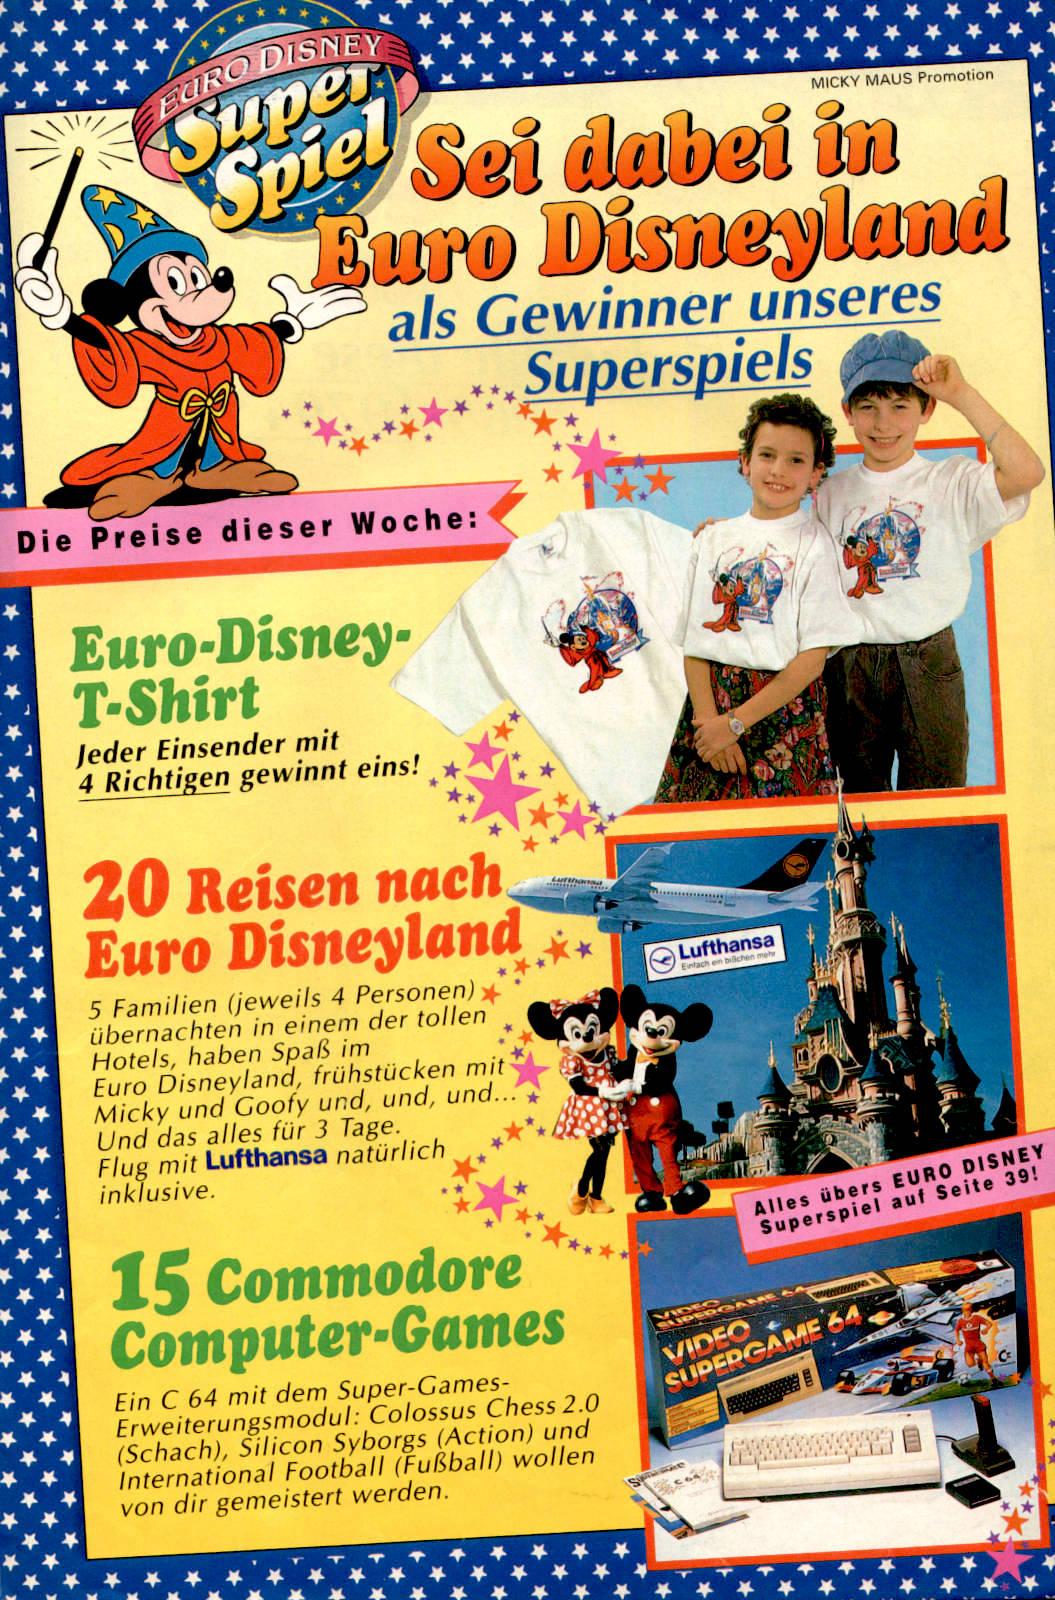 Werbeanzeige für das Euro Disneyland inkl. eines Commodore 64 Video Supergame 64 Pakets. Micky Maus Magazin von 1992. (Bildrechte: Egmont Ehapa Media GmbH)